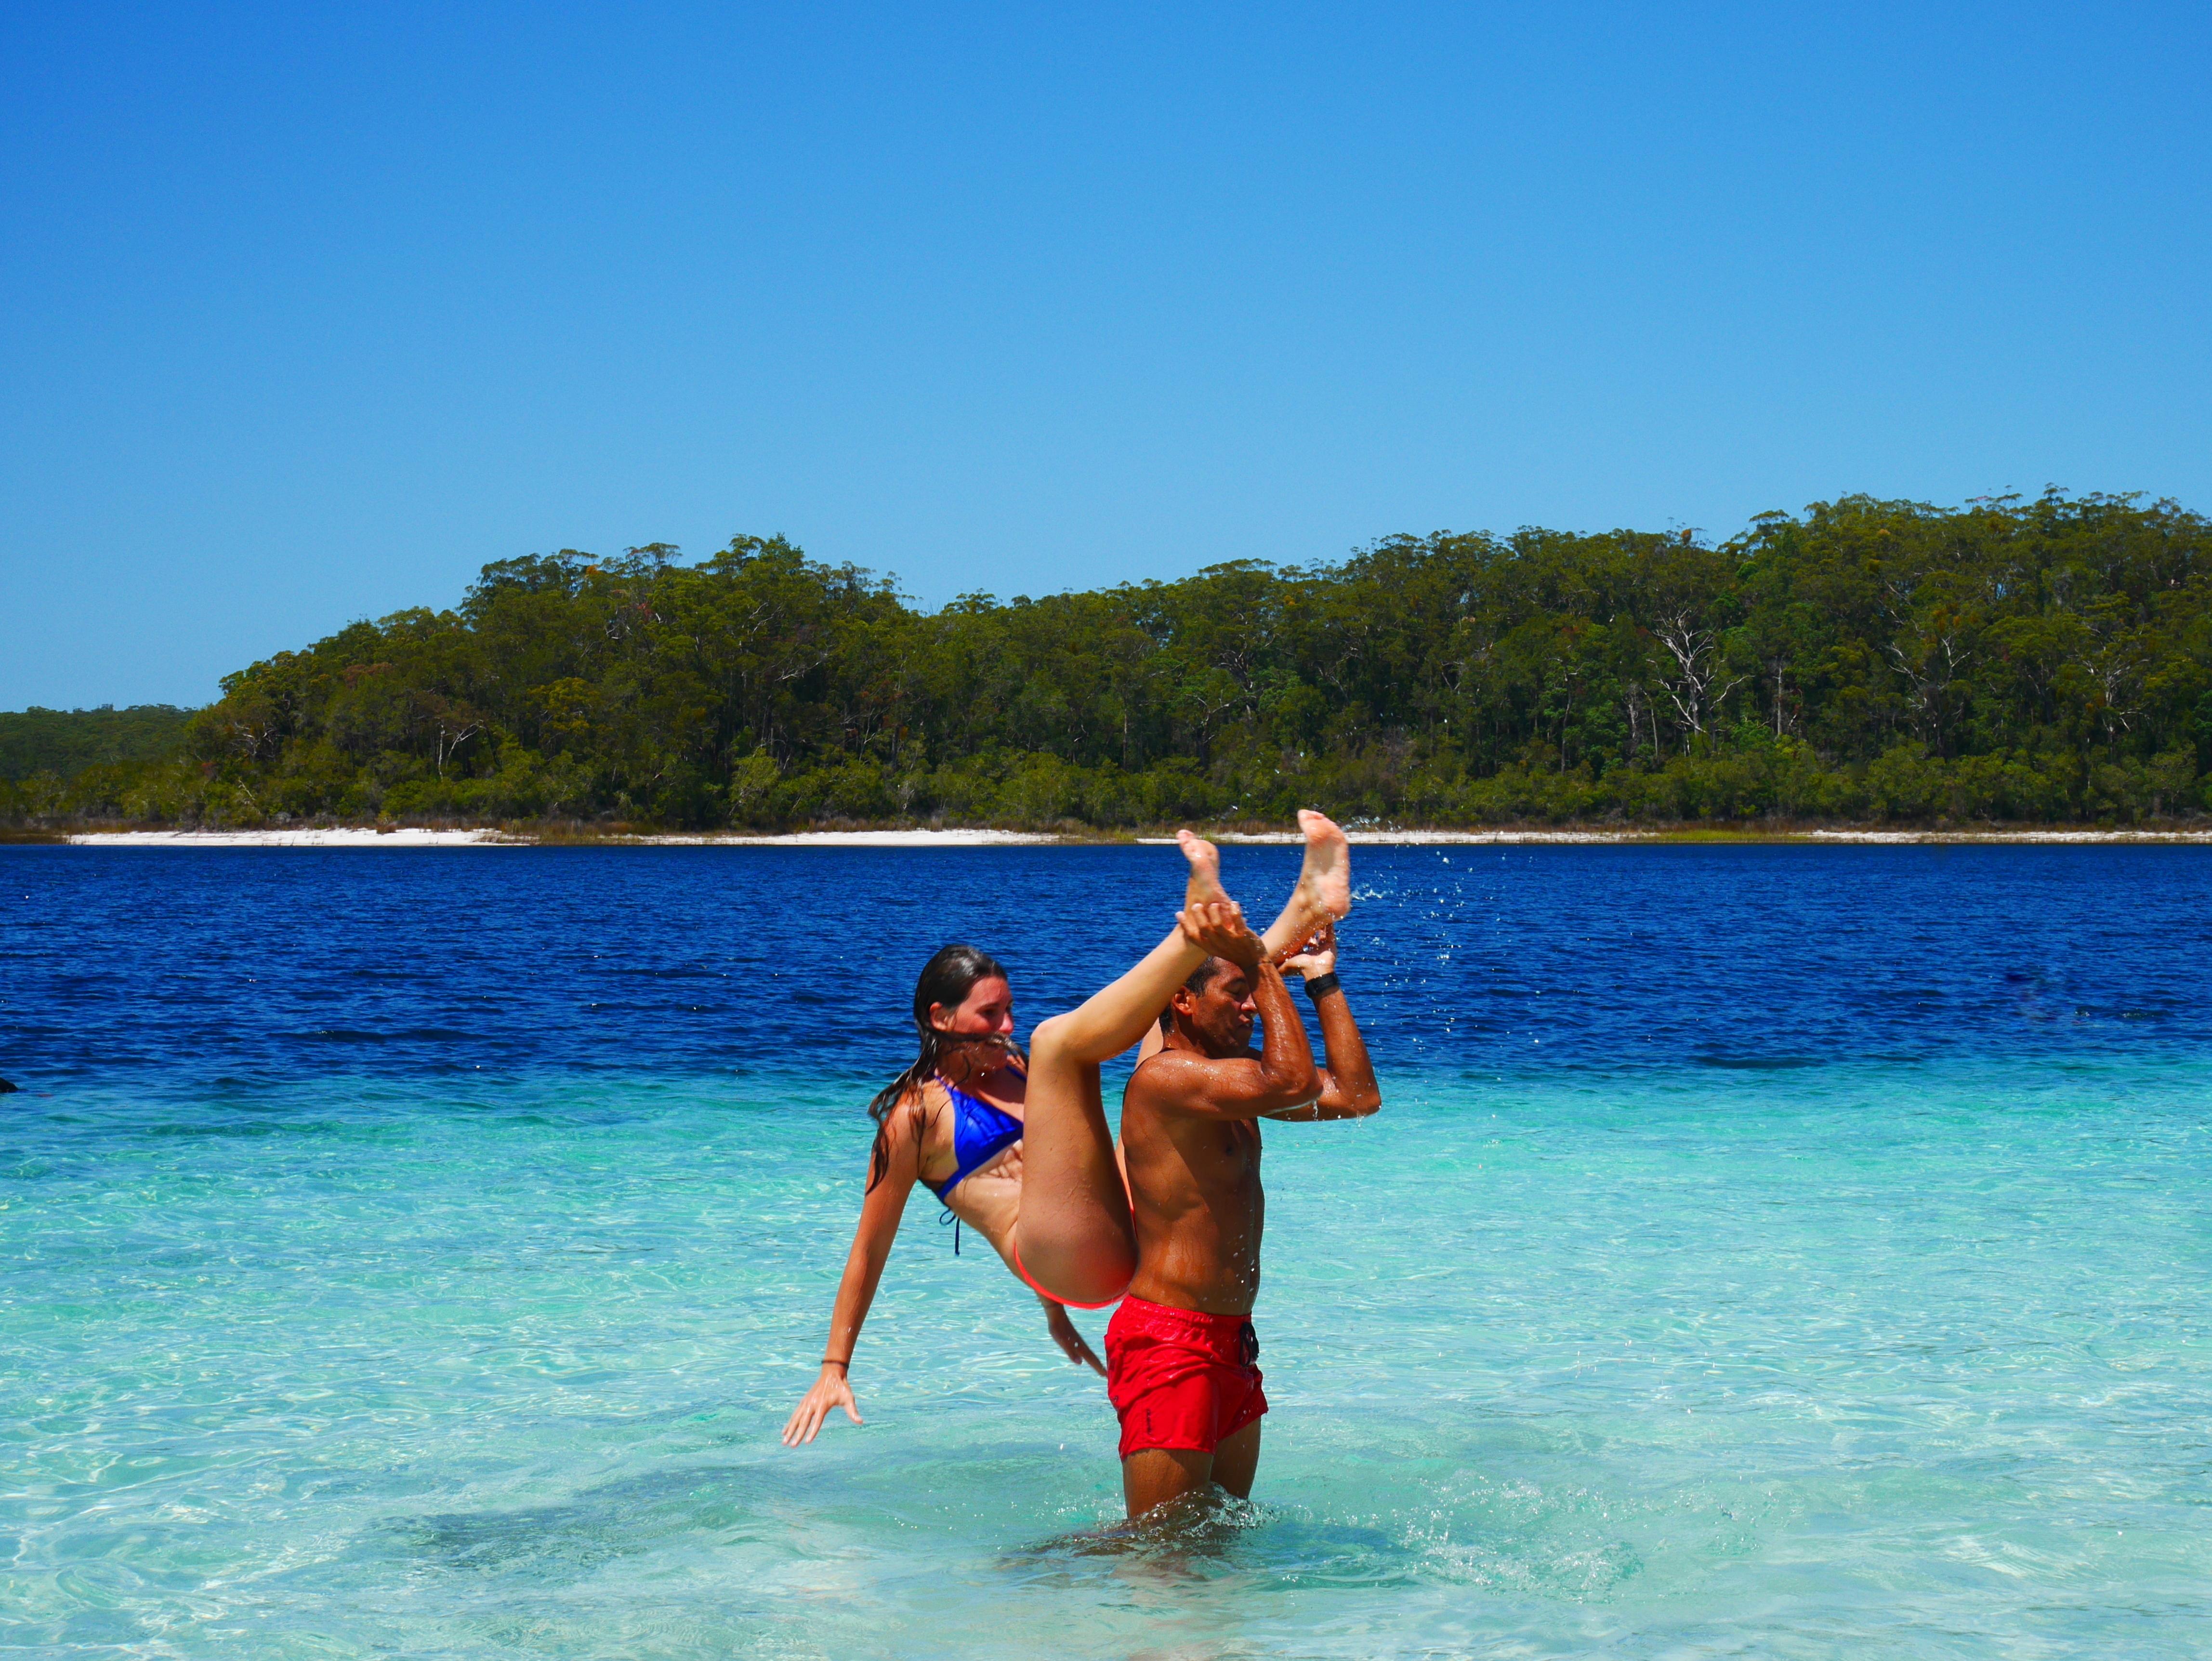 Des treks, de la plongée et du surf : le PVT sportif de Lucile et Max